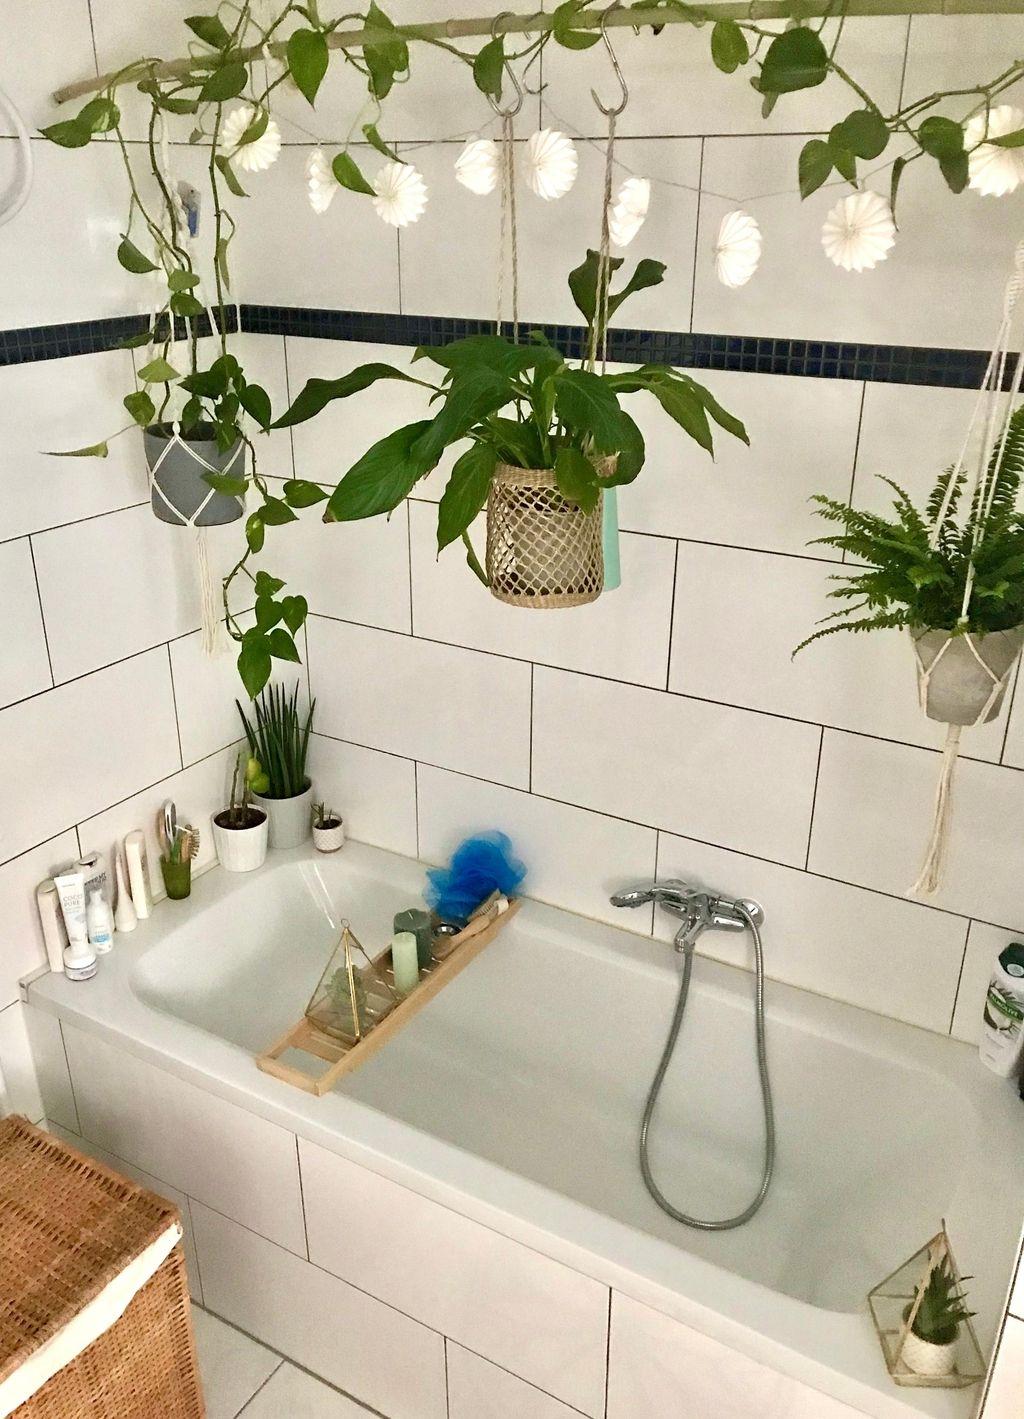 Badezimmer Einrichten Ideen Fur Jede Grosse In 2020 Badezimmer Badezimmerspiegel Unterschrank